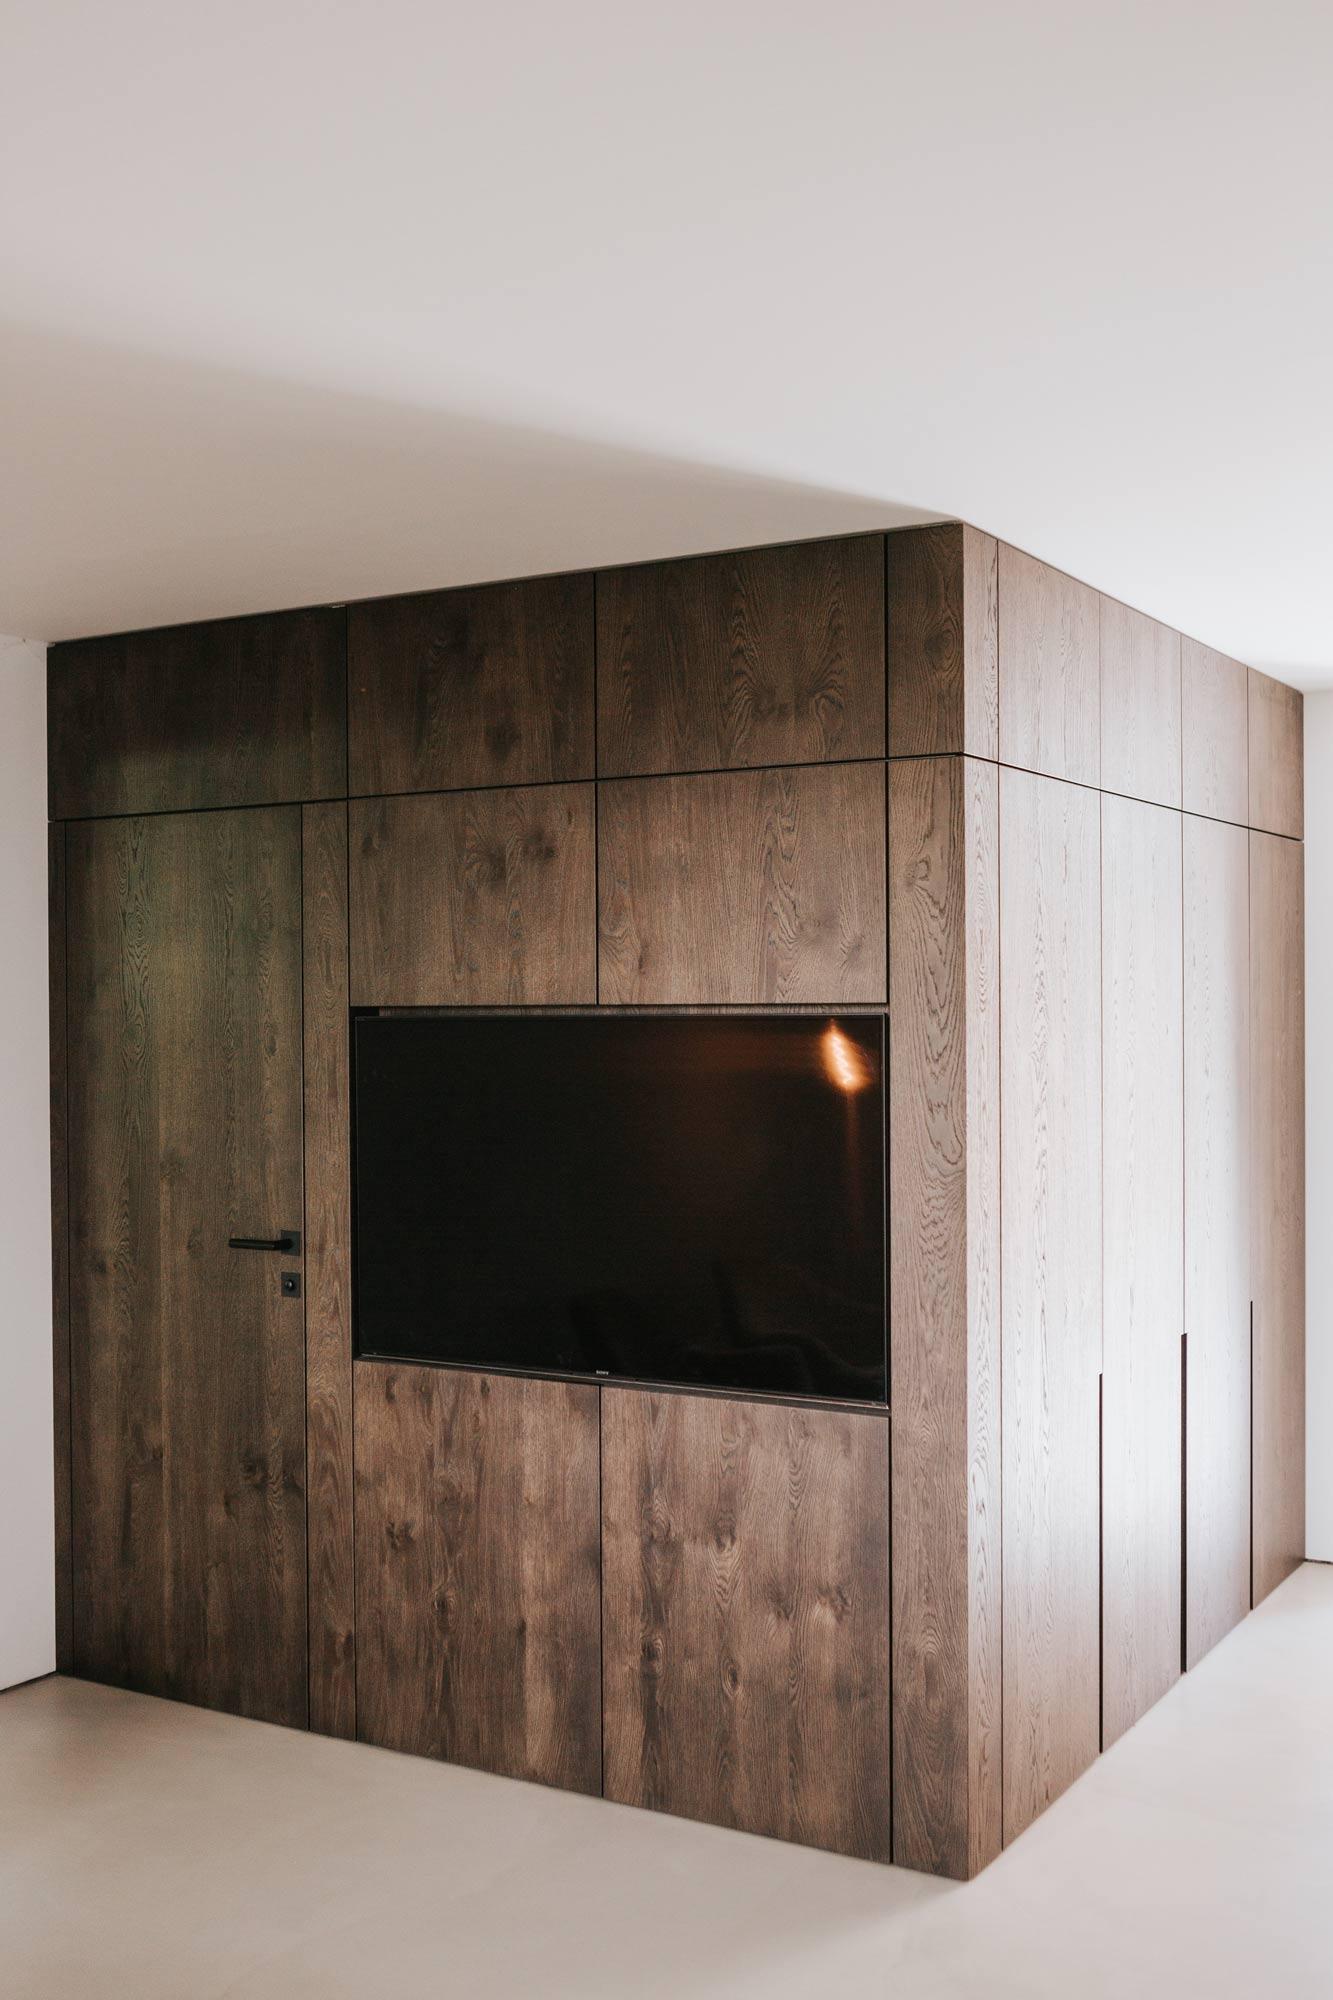 Wandverbau B Garderobe und Stauraum,mit integriertem TV